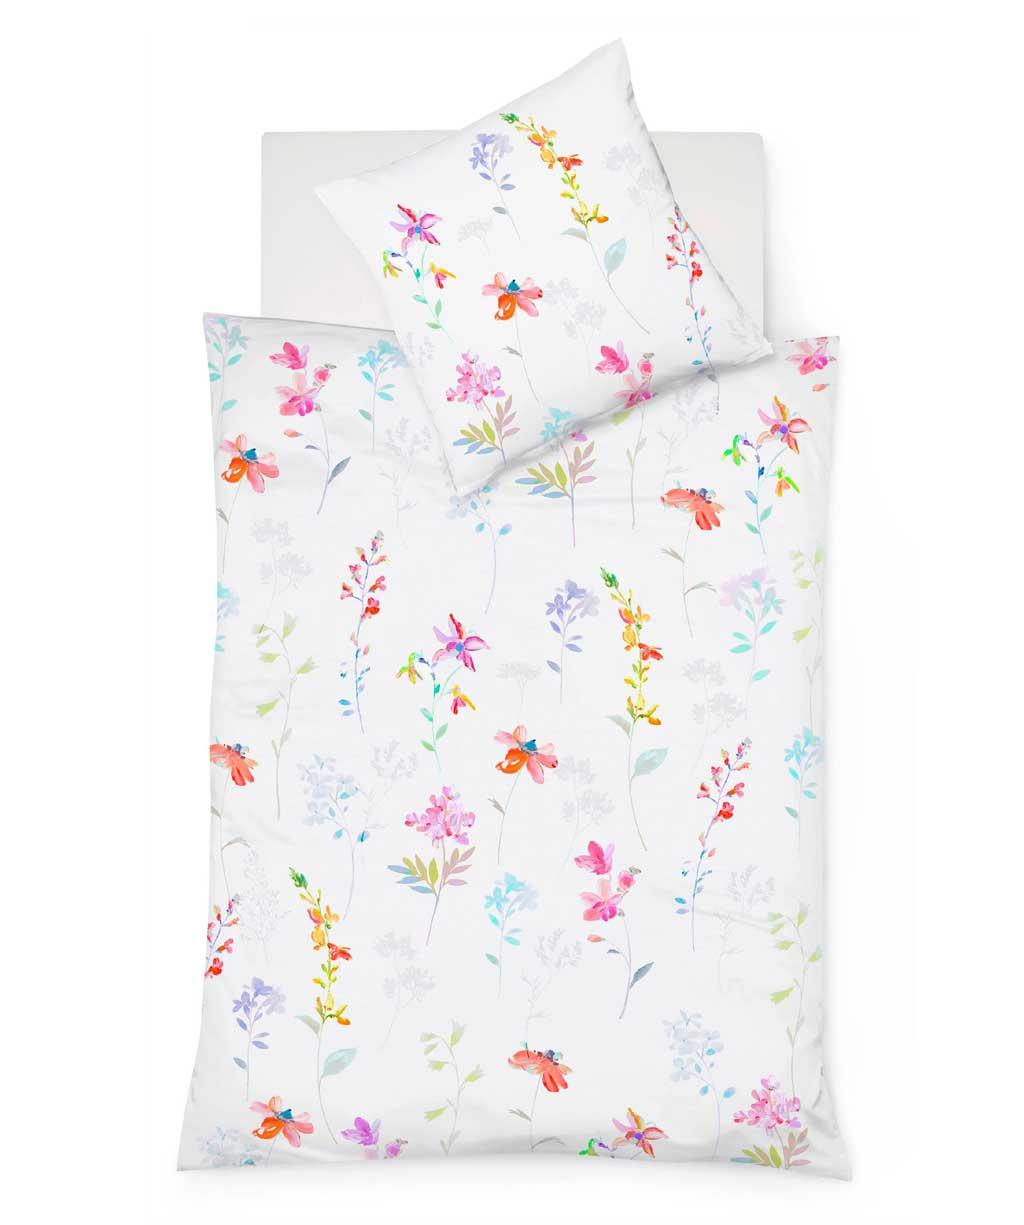 Sommerlich leichte Mako Batist Bettwäsche mit zarten Blumen